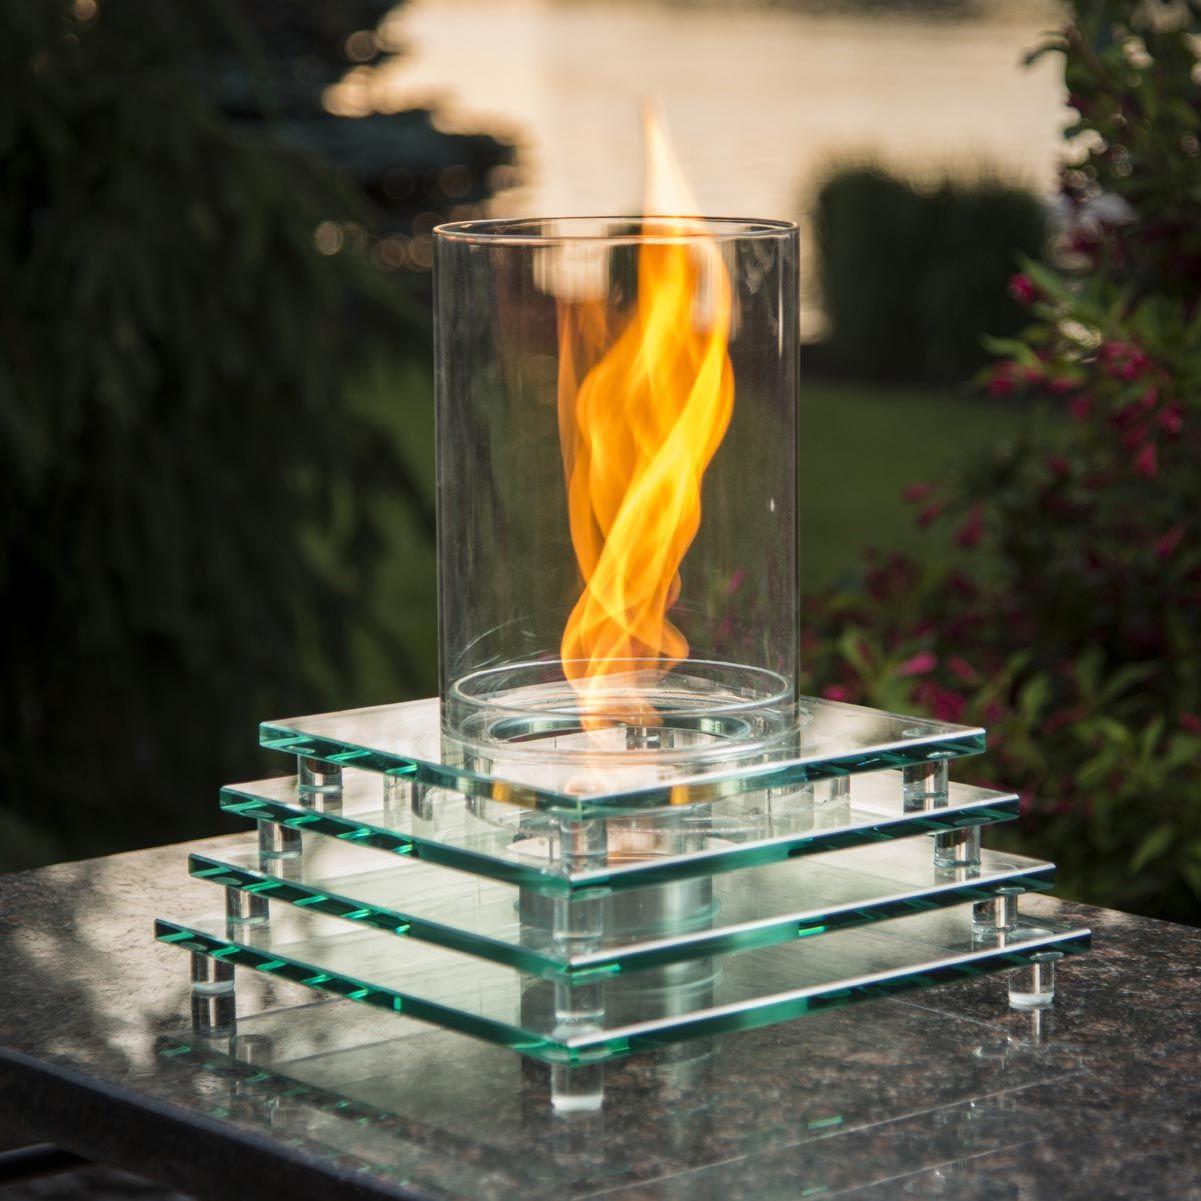 Indoor Tabletop Fire Pit Podsvechniki Dizajn Ogon